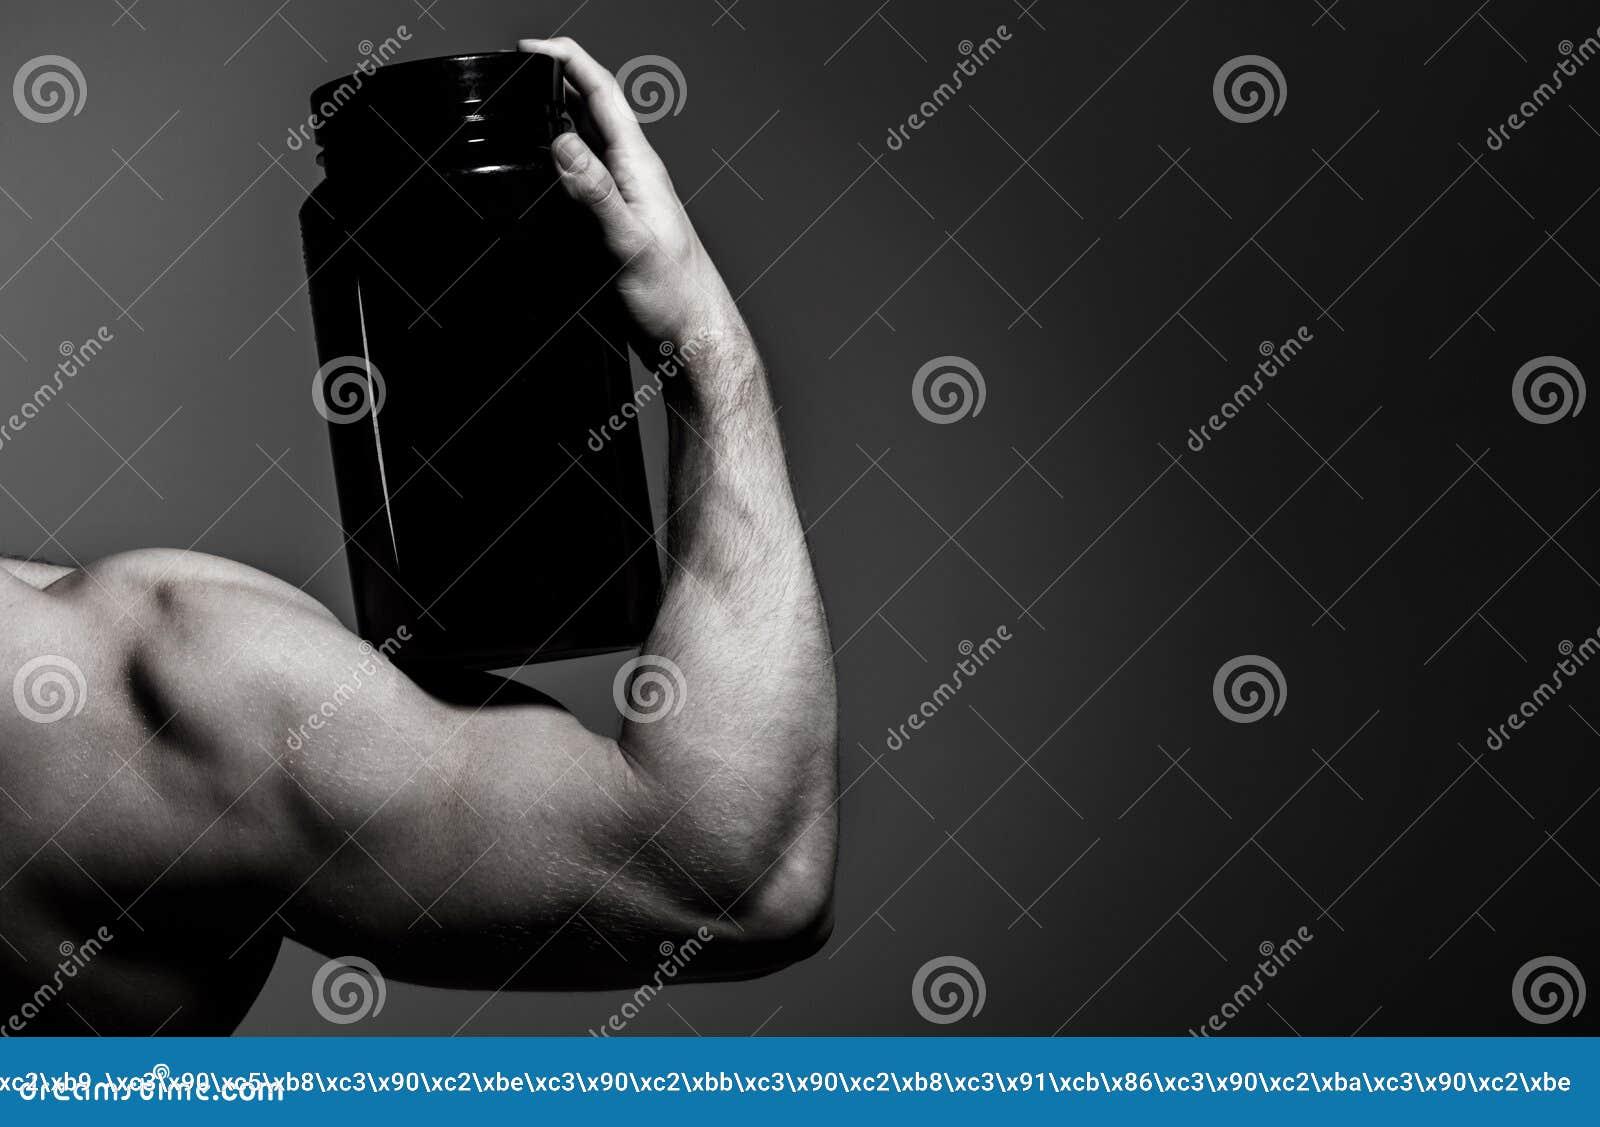 Steryd, sport witamina, podawać doping, anabolic, proteina Mięśniowa ręka, tricep Silna ręka, mężczyzna ręka, pięści Mięśniowa rę